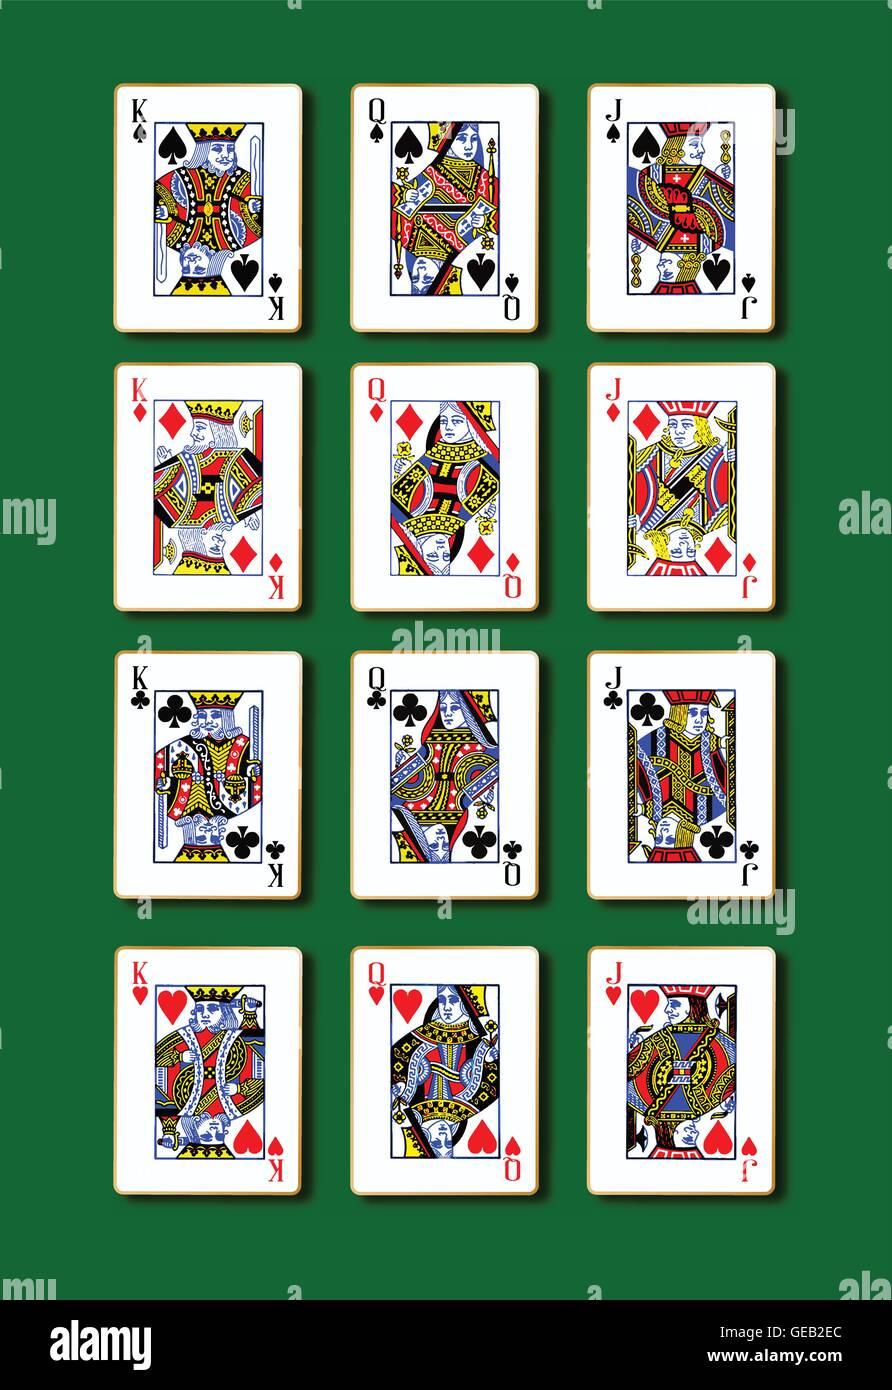 Le royal jouer aux cartes avec un fond vert Photo Stock